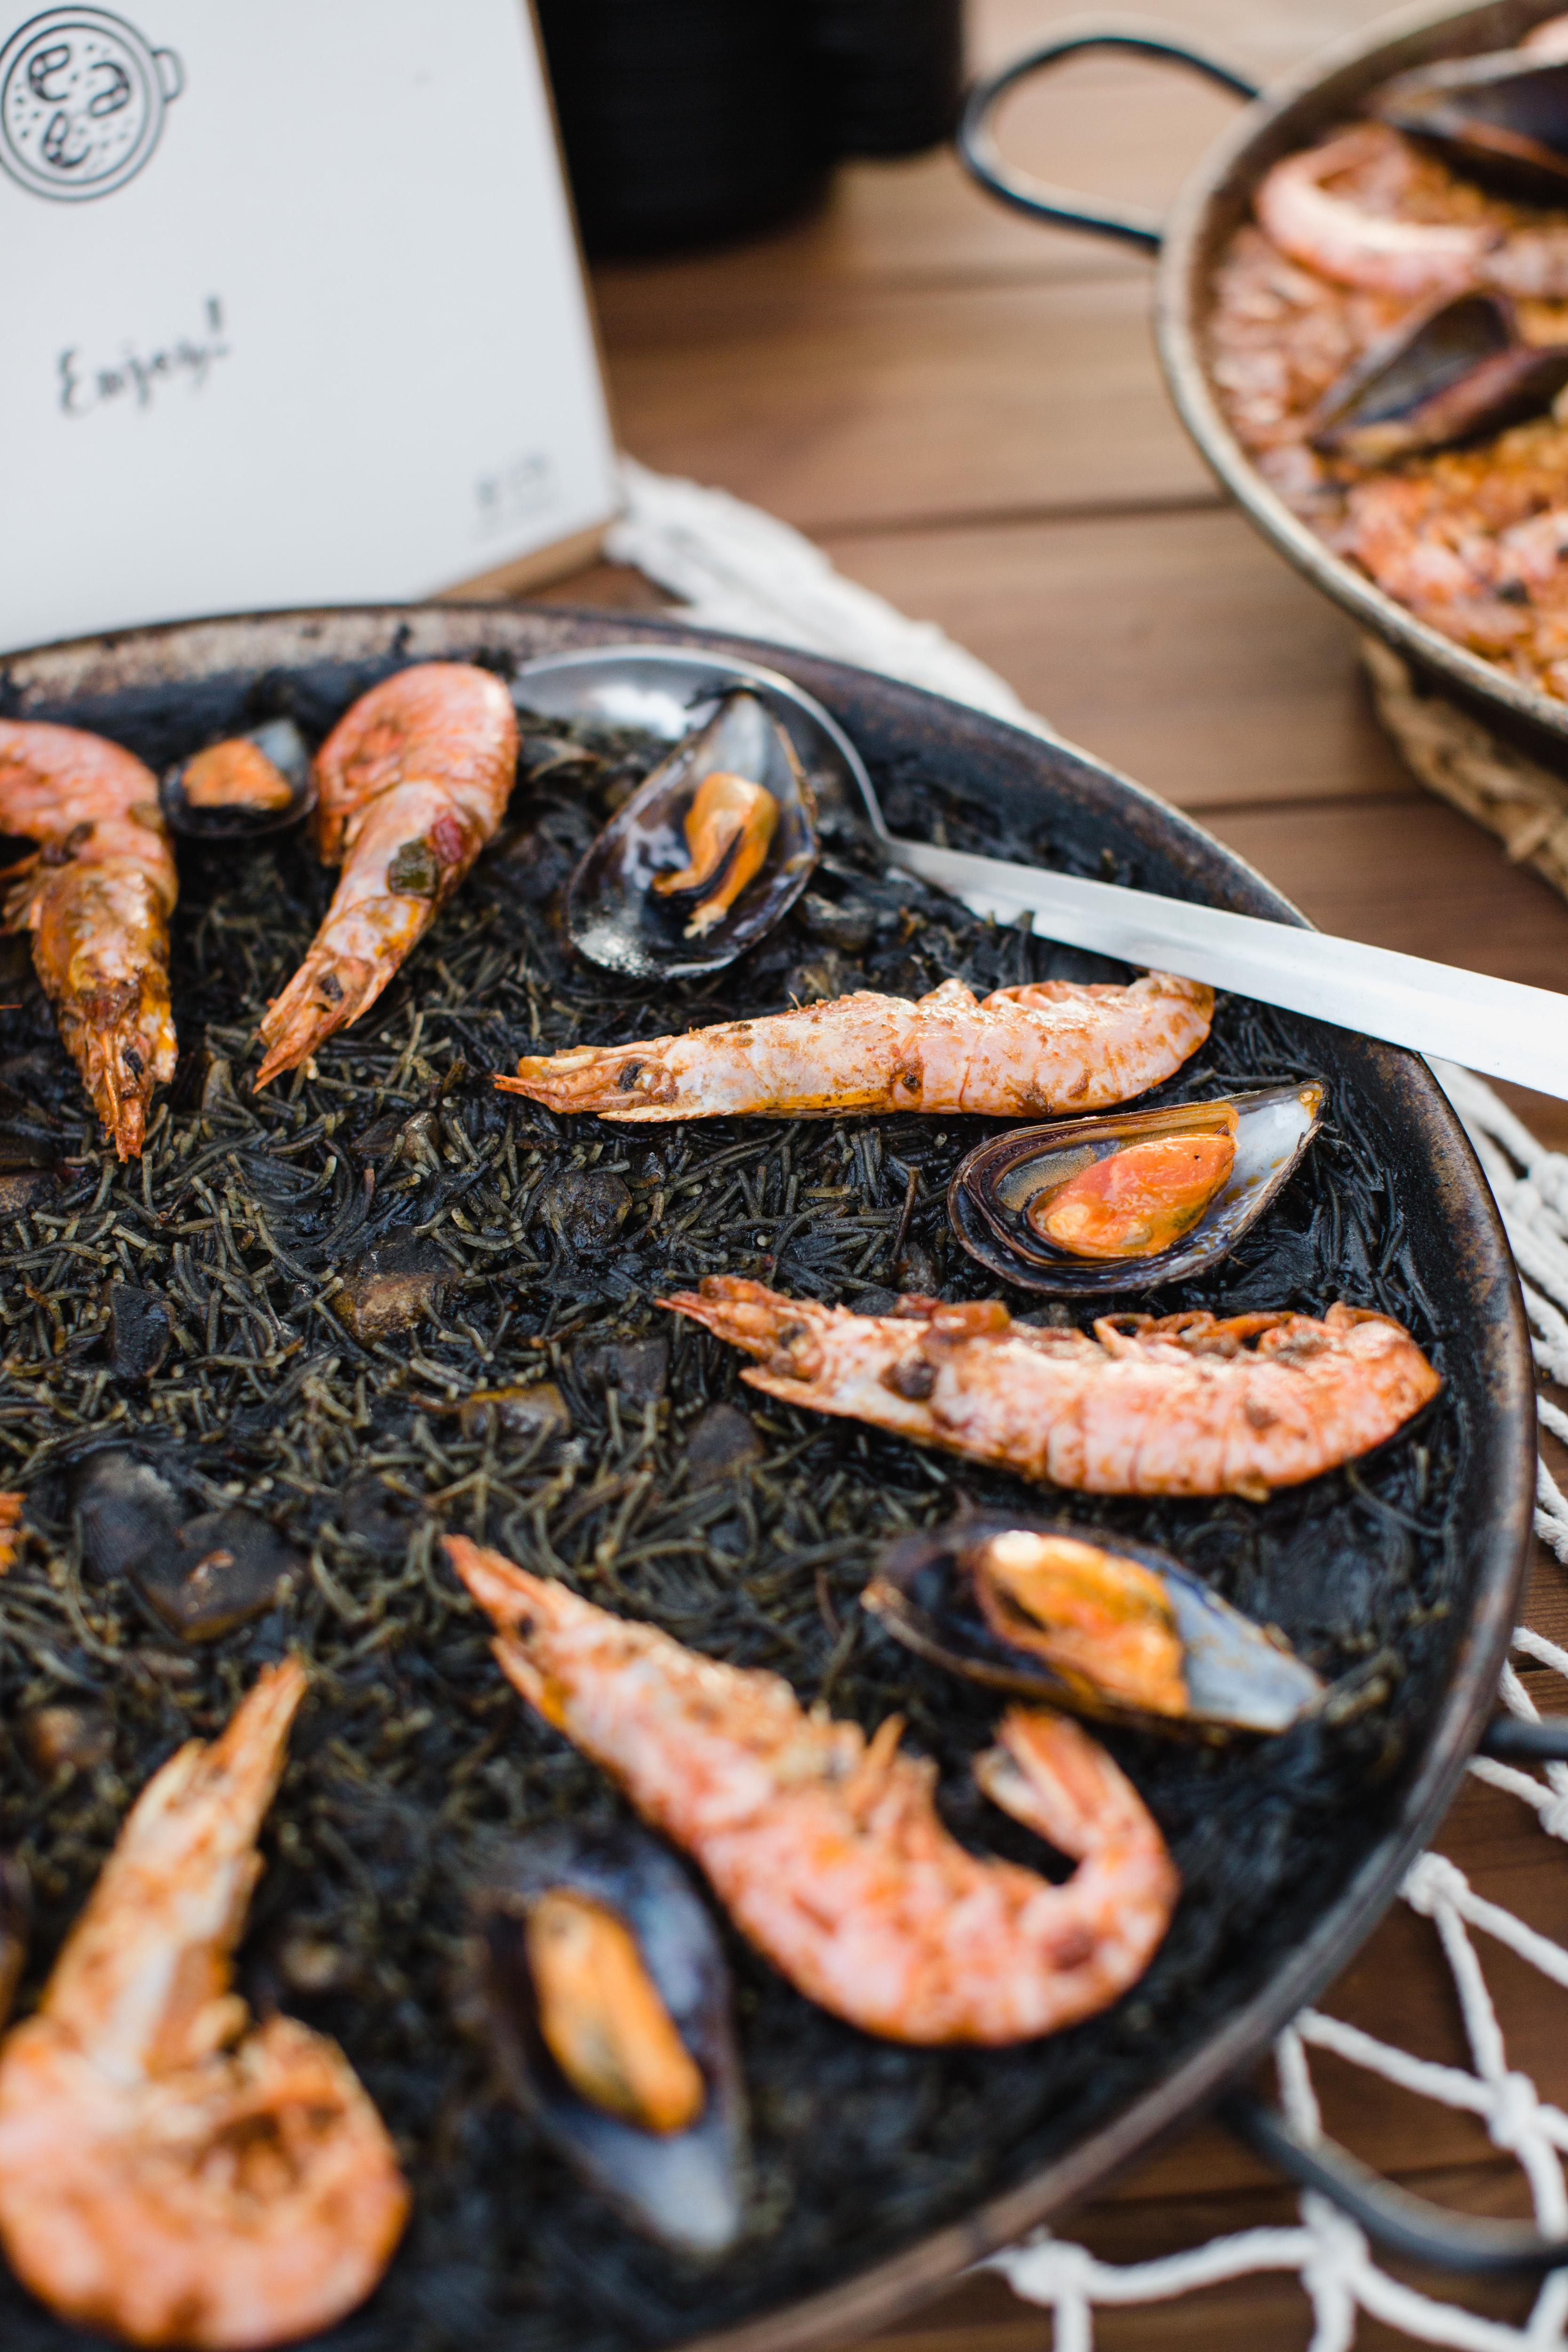 sibarum-catering-fiestas-sitges